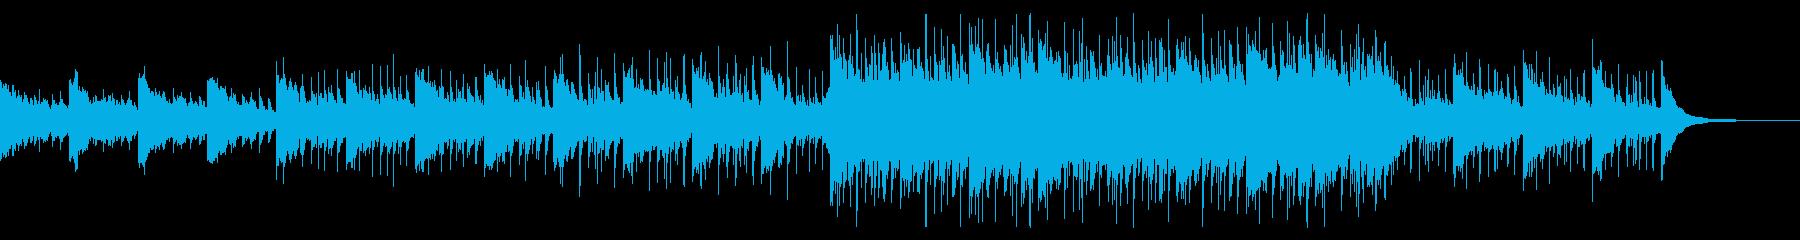 企業VP、CM16。エレクトロポップの再生済みの波形